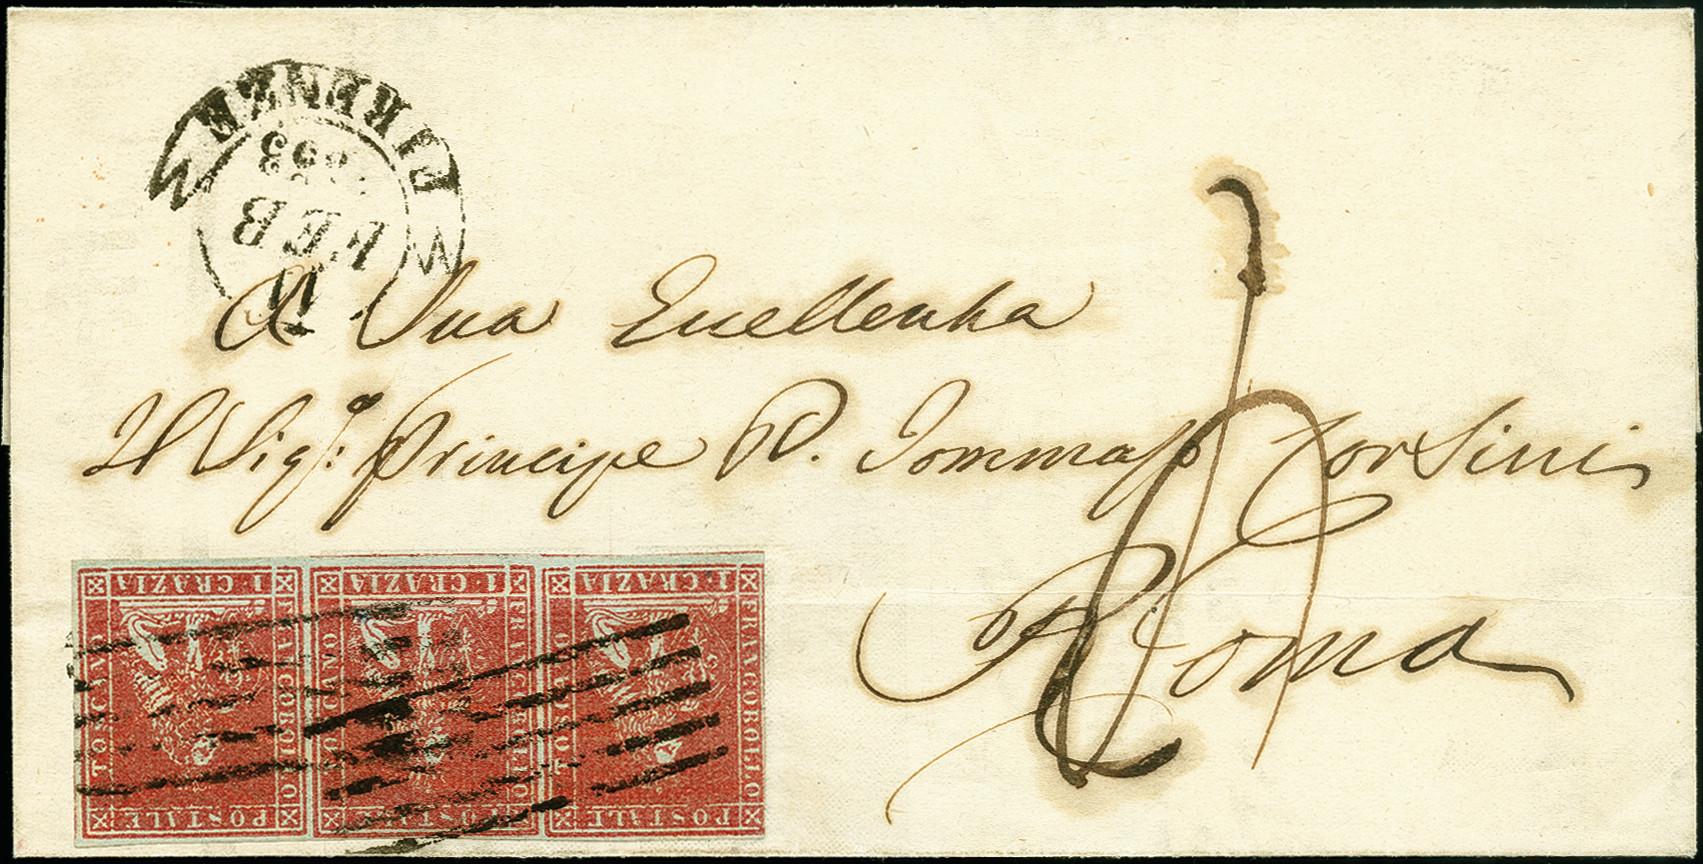 Lot 1706 - altitalienische staaten toscana -  Heinrich Koehler Auktionen 375rd Heinrich Köhler auction - Day 1